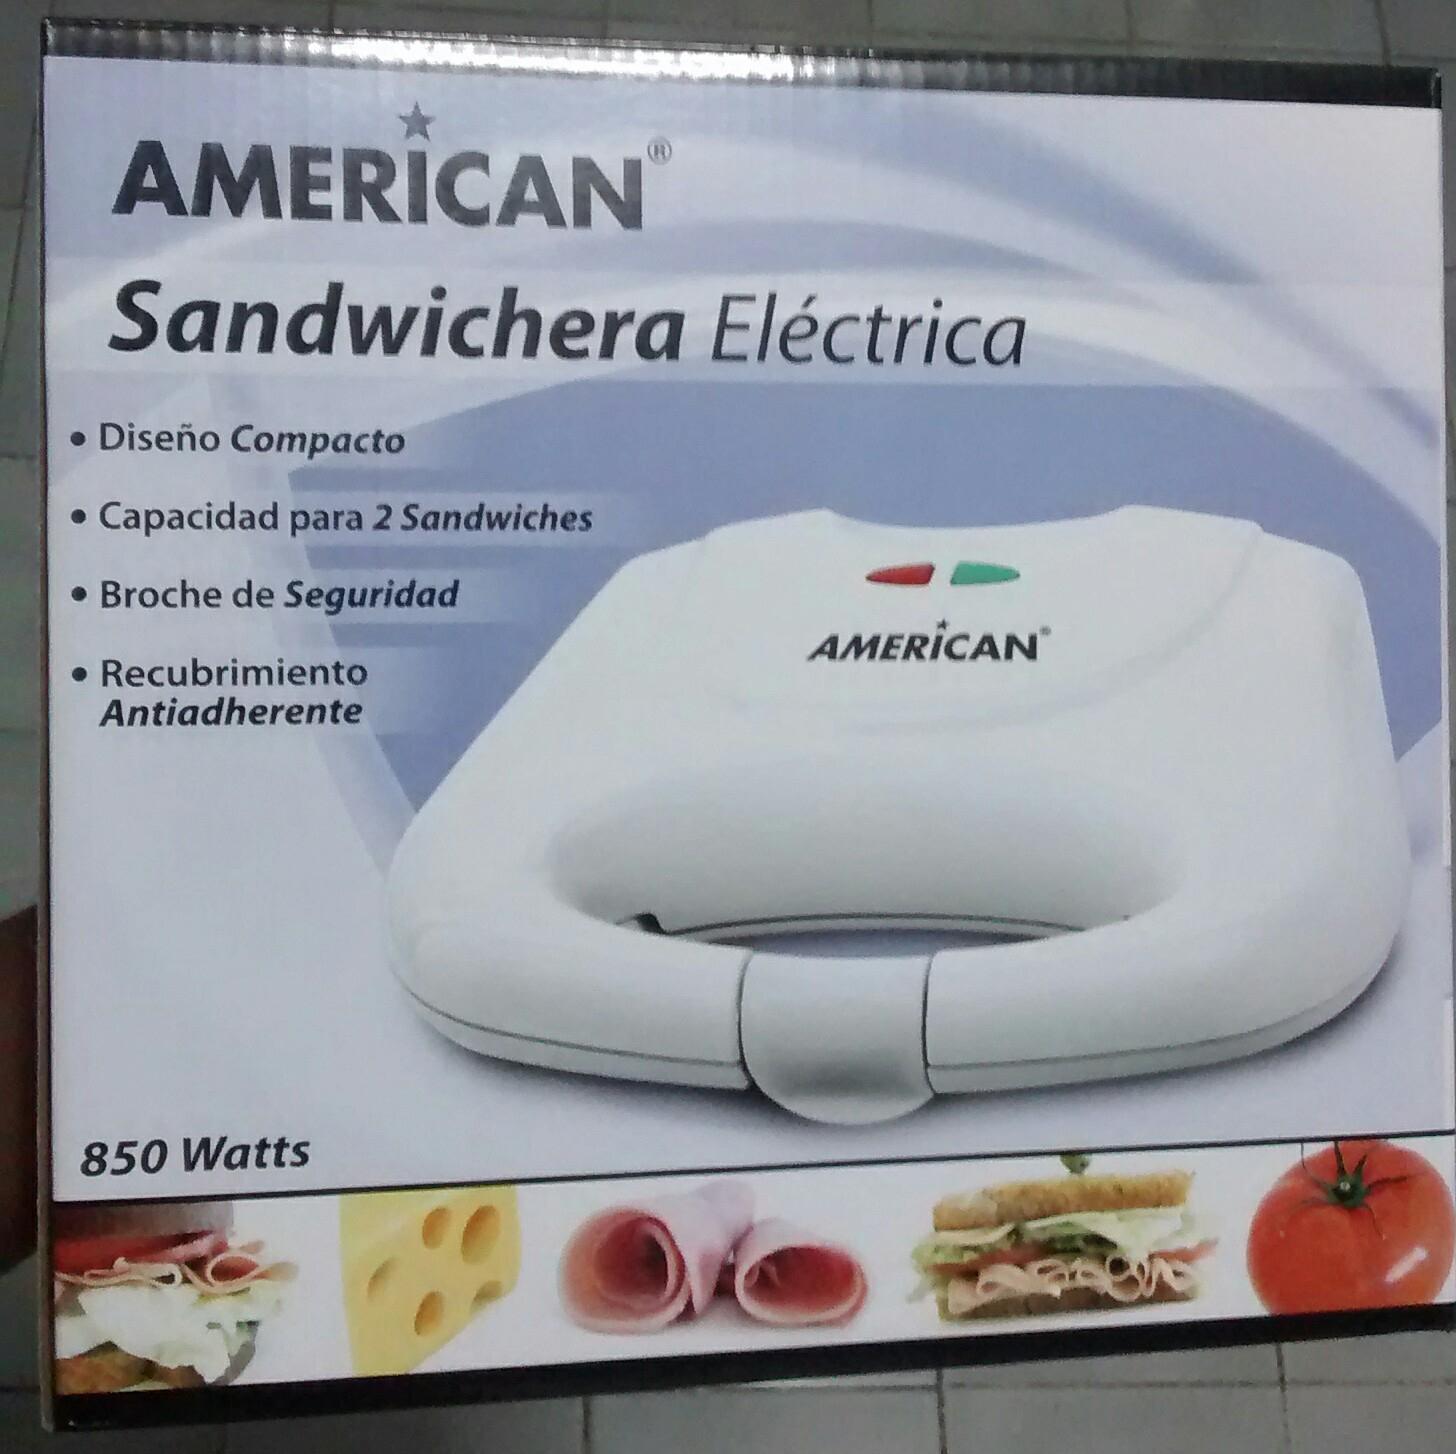 Chedraui Ánfora CDMX, en línea: sandwichera a $85